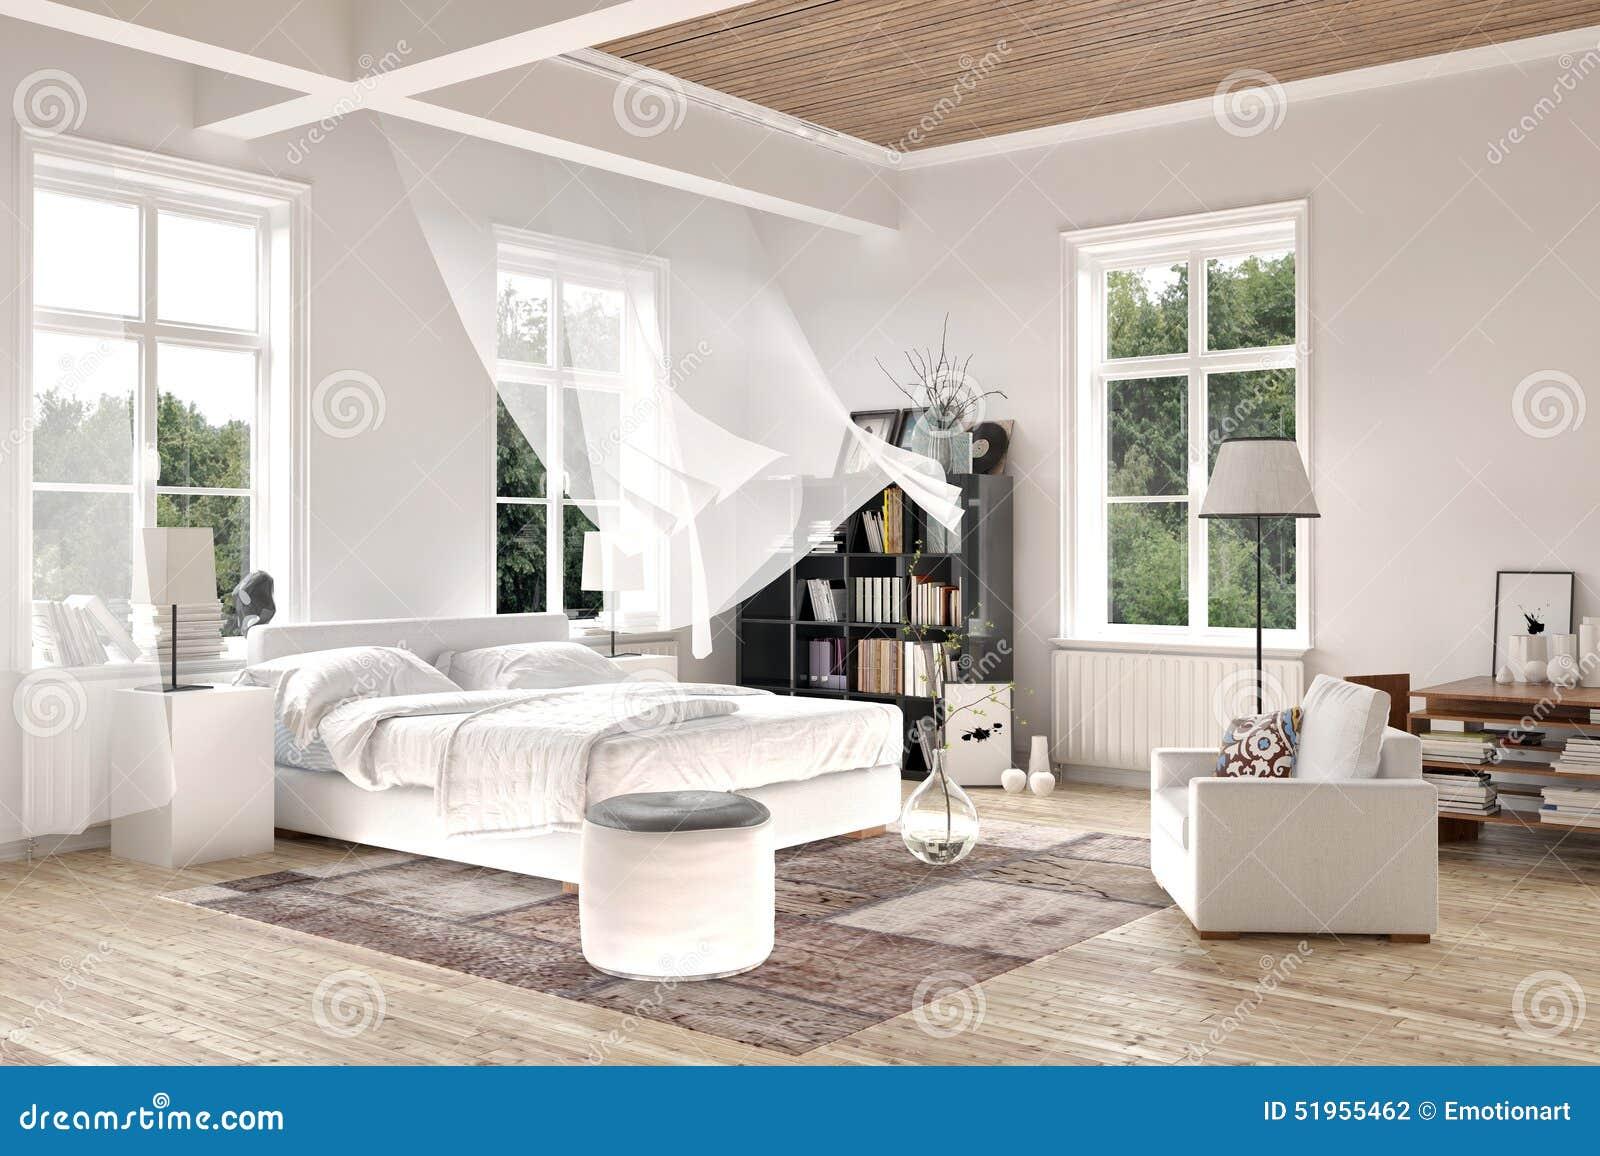 Interieur maison rideaux lumineux for Rideau lumineux interieur